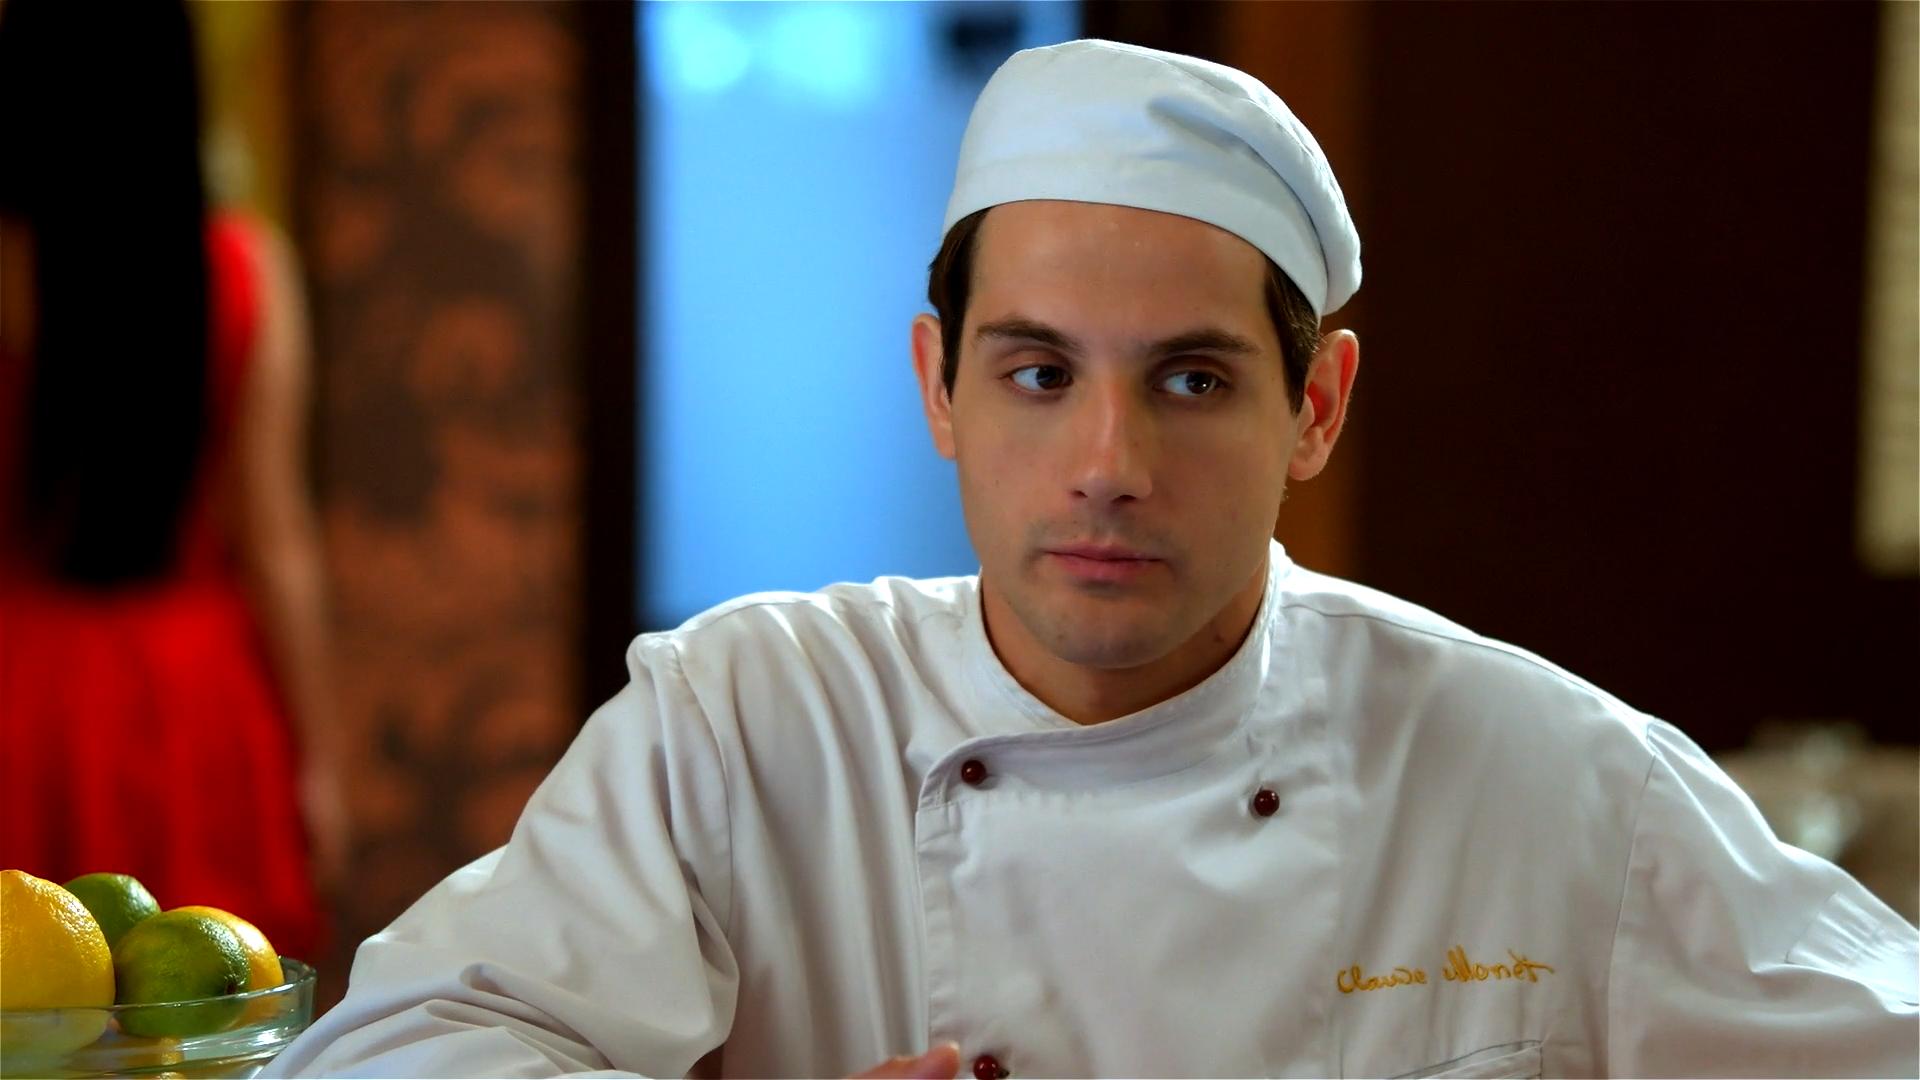 Сериал Кухня смотреть онлайн бесплатно все серии подряд в ...